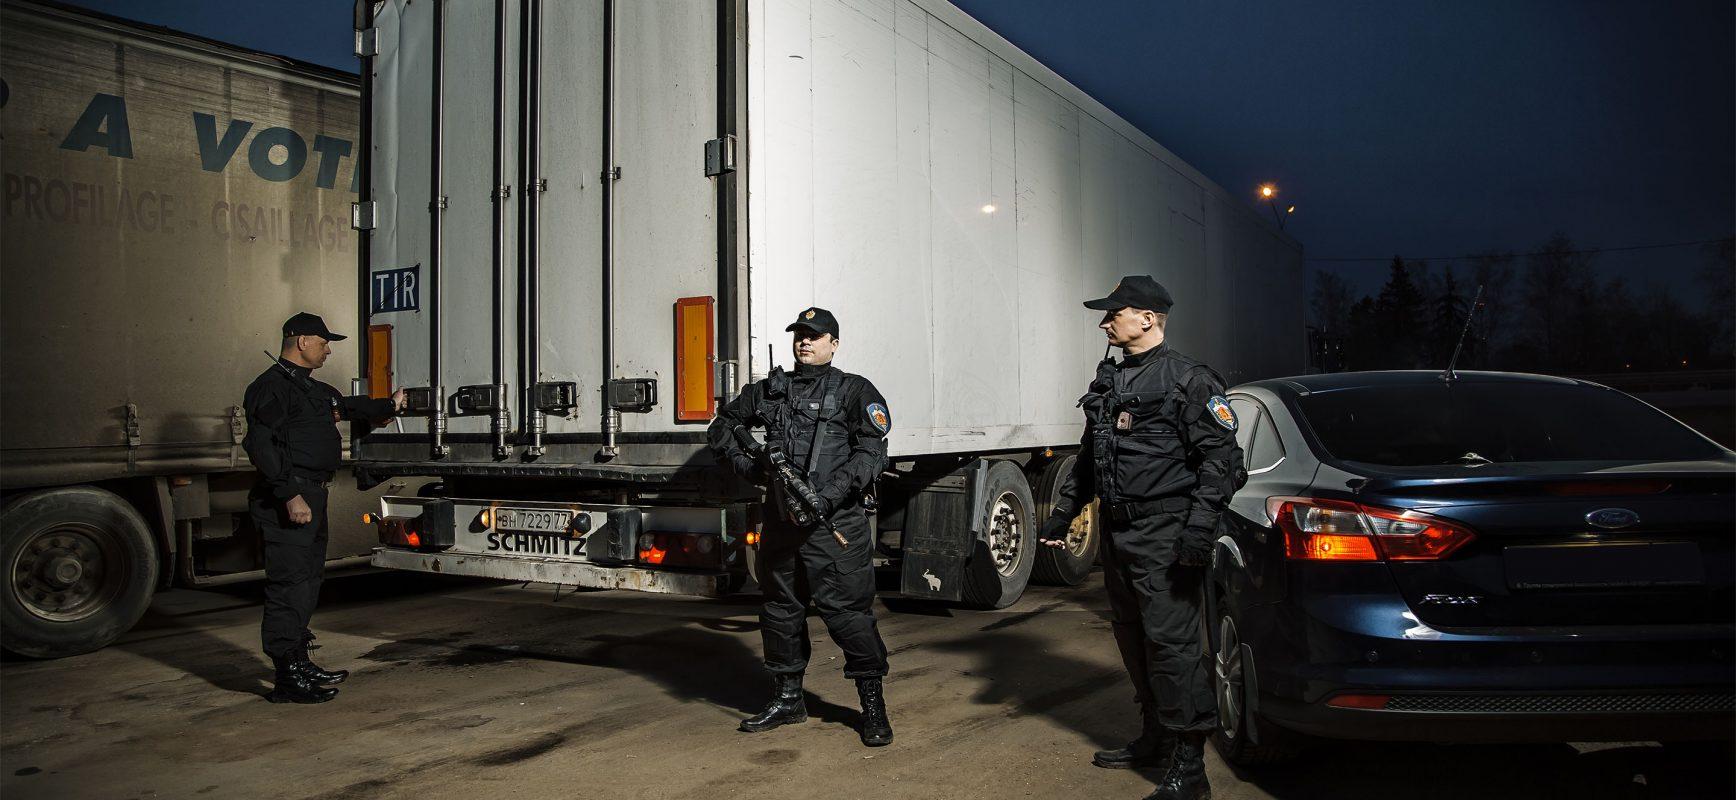 Услуги ЧОП по охране объектов и сопровождению грузов